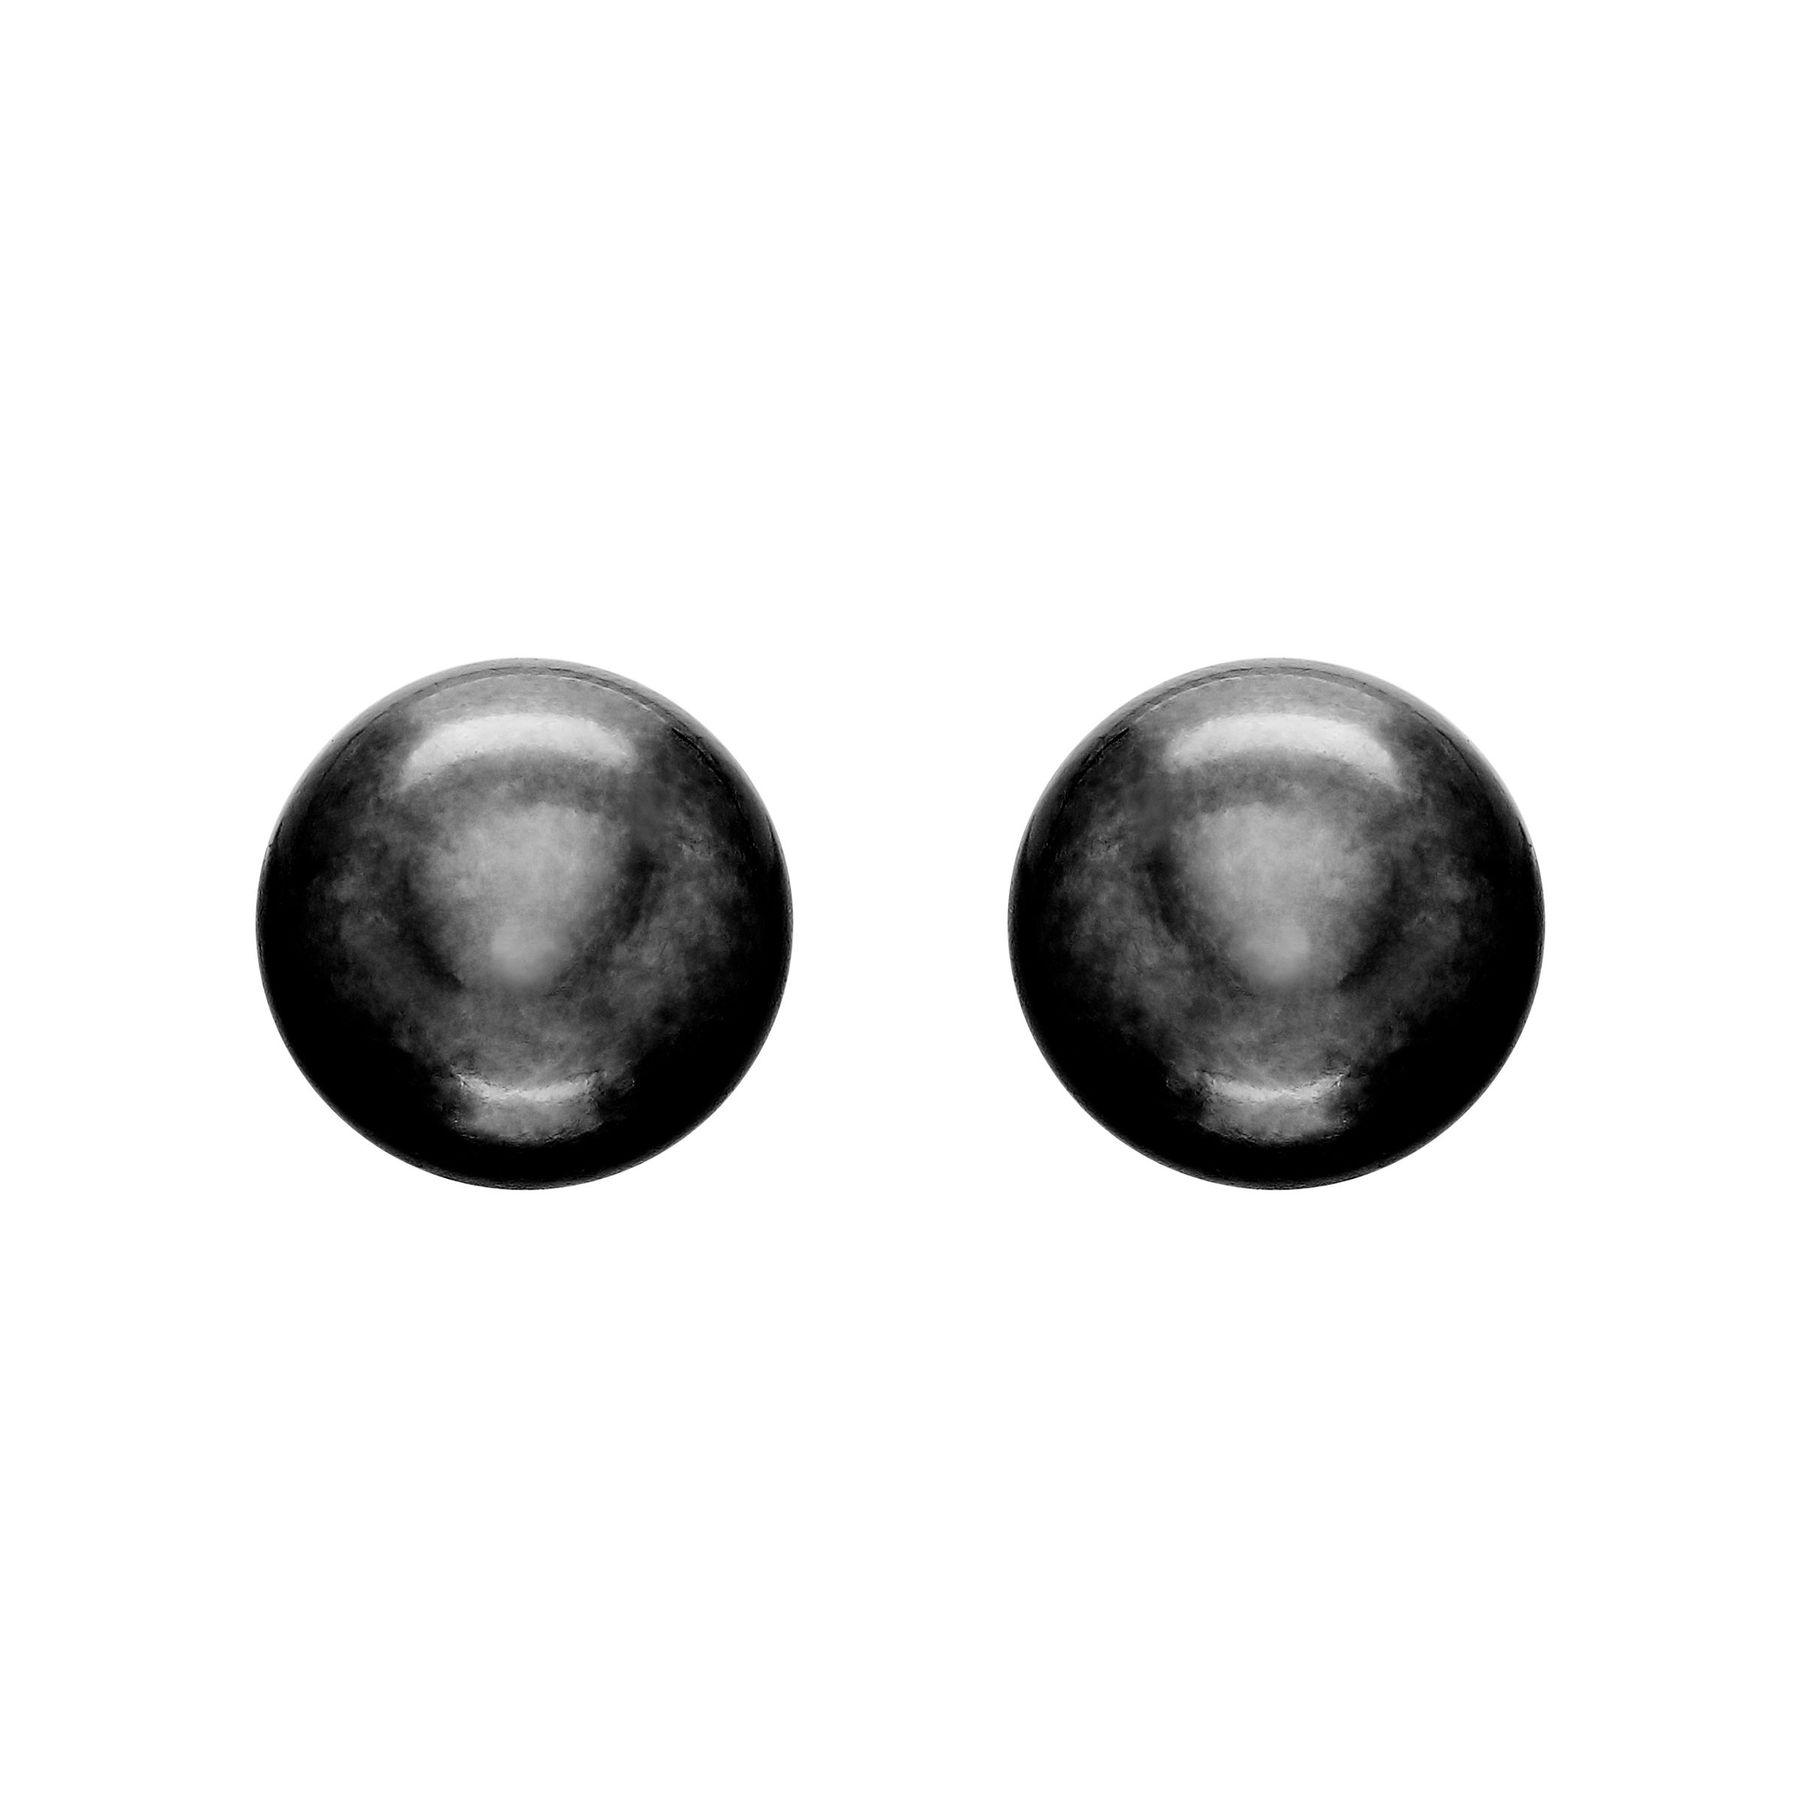 9 10 Mm Black Pearl Stud Earrings